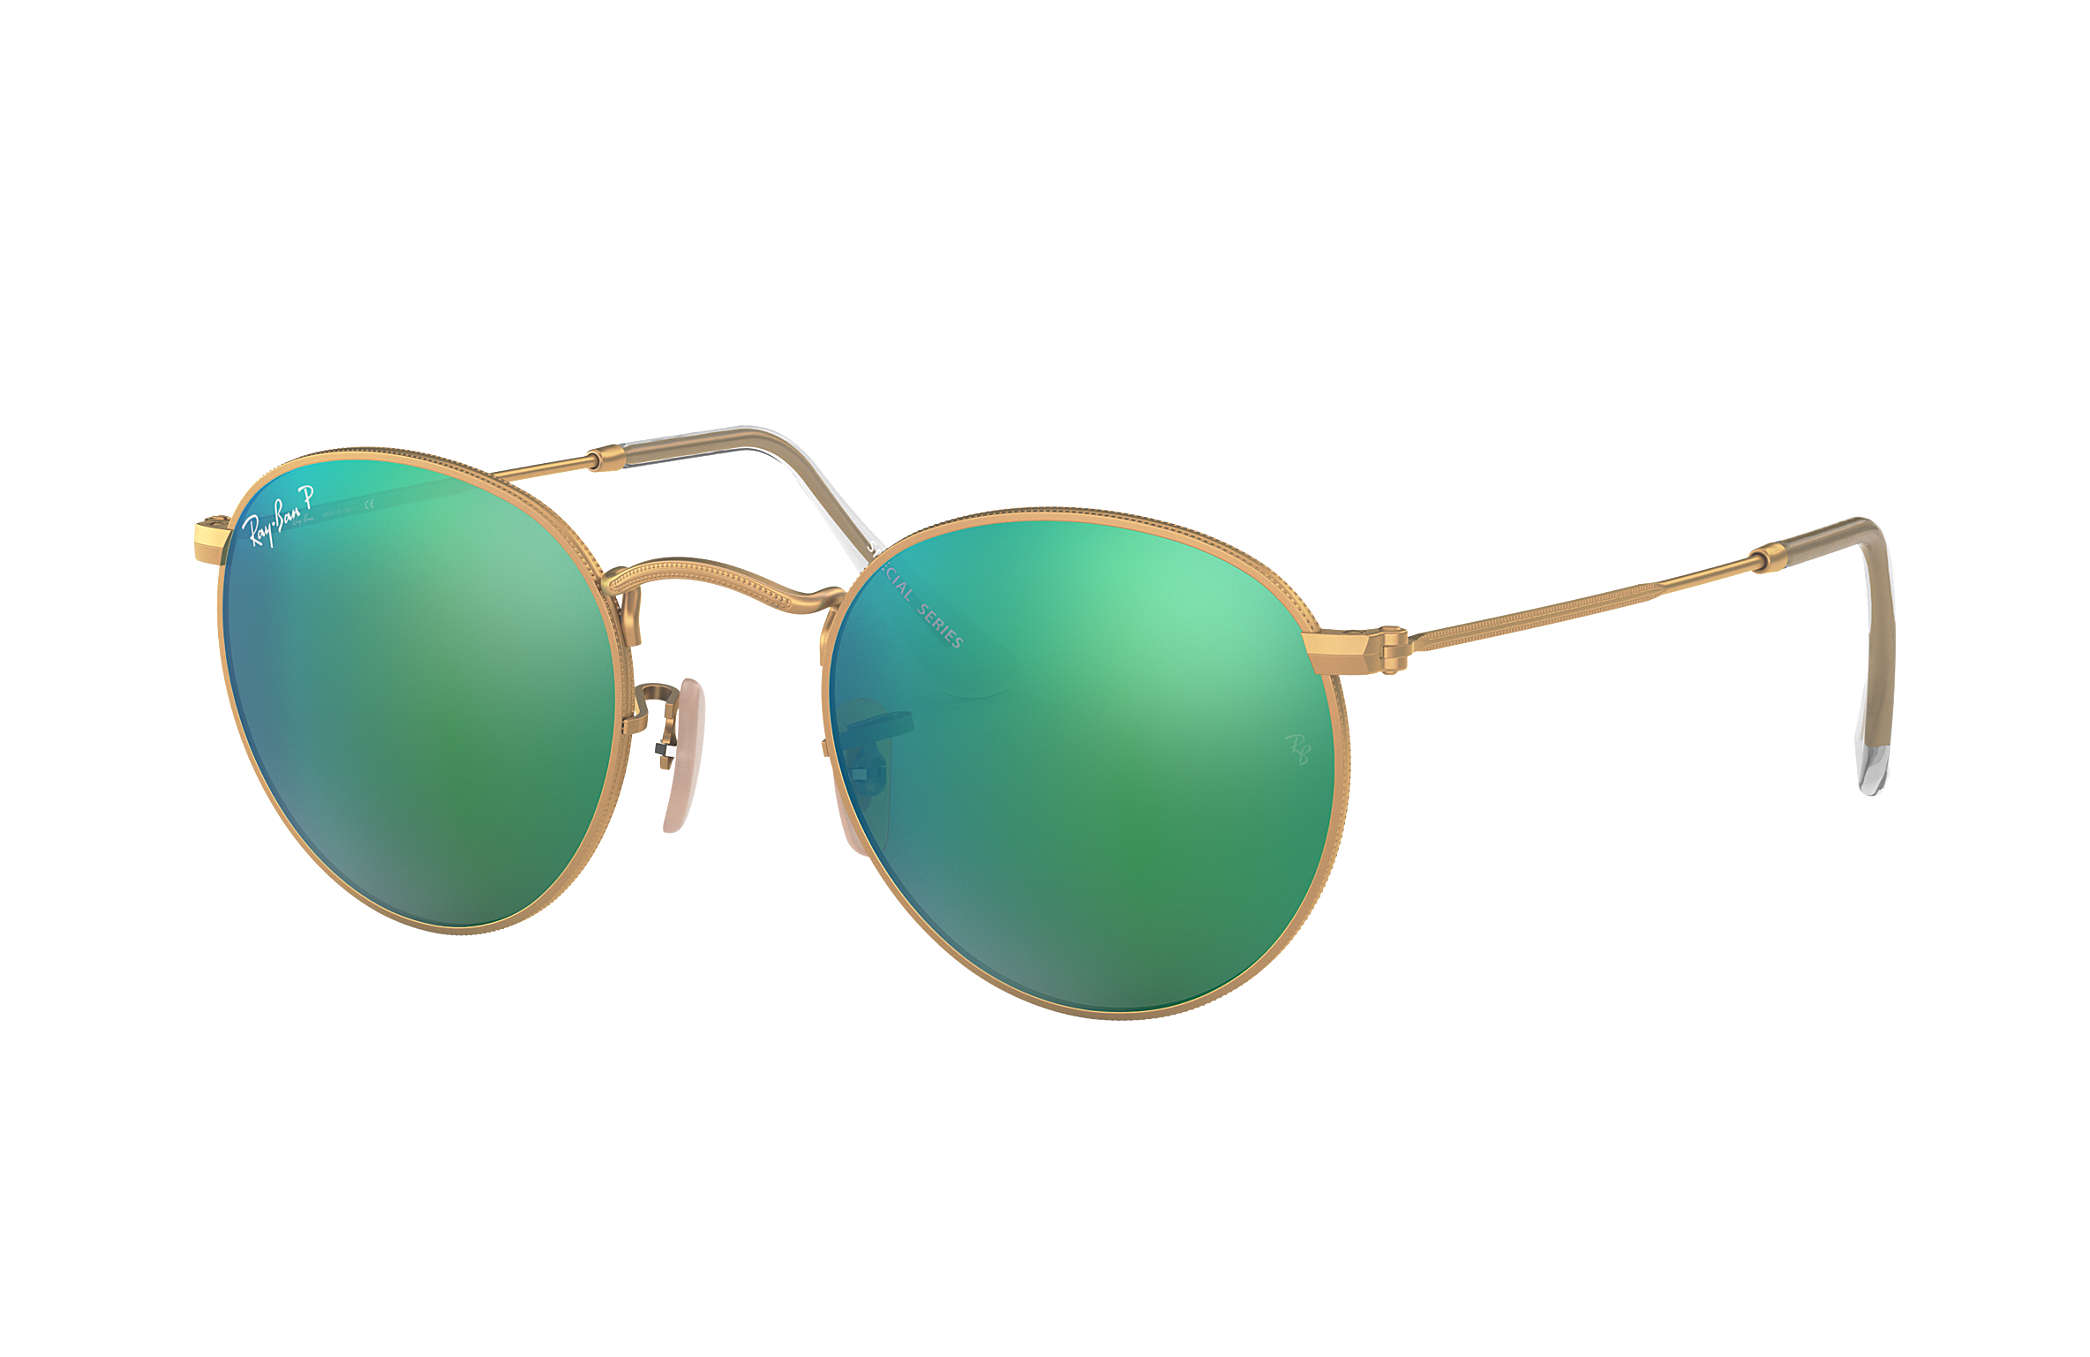 eafc5e40c6 Ray-Ban Round Flash Lenses RB3447 Gold - Metal - Green Polarized ...